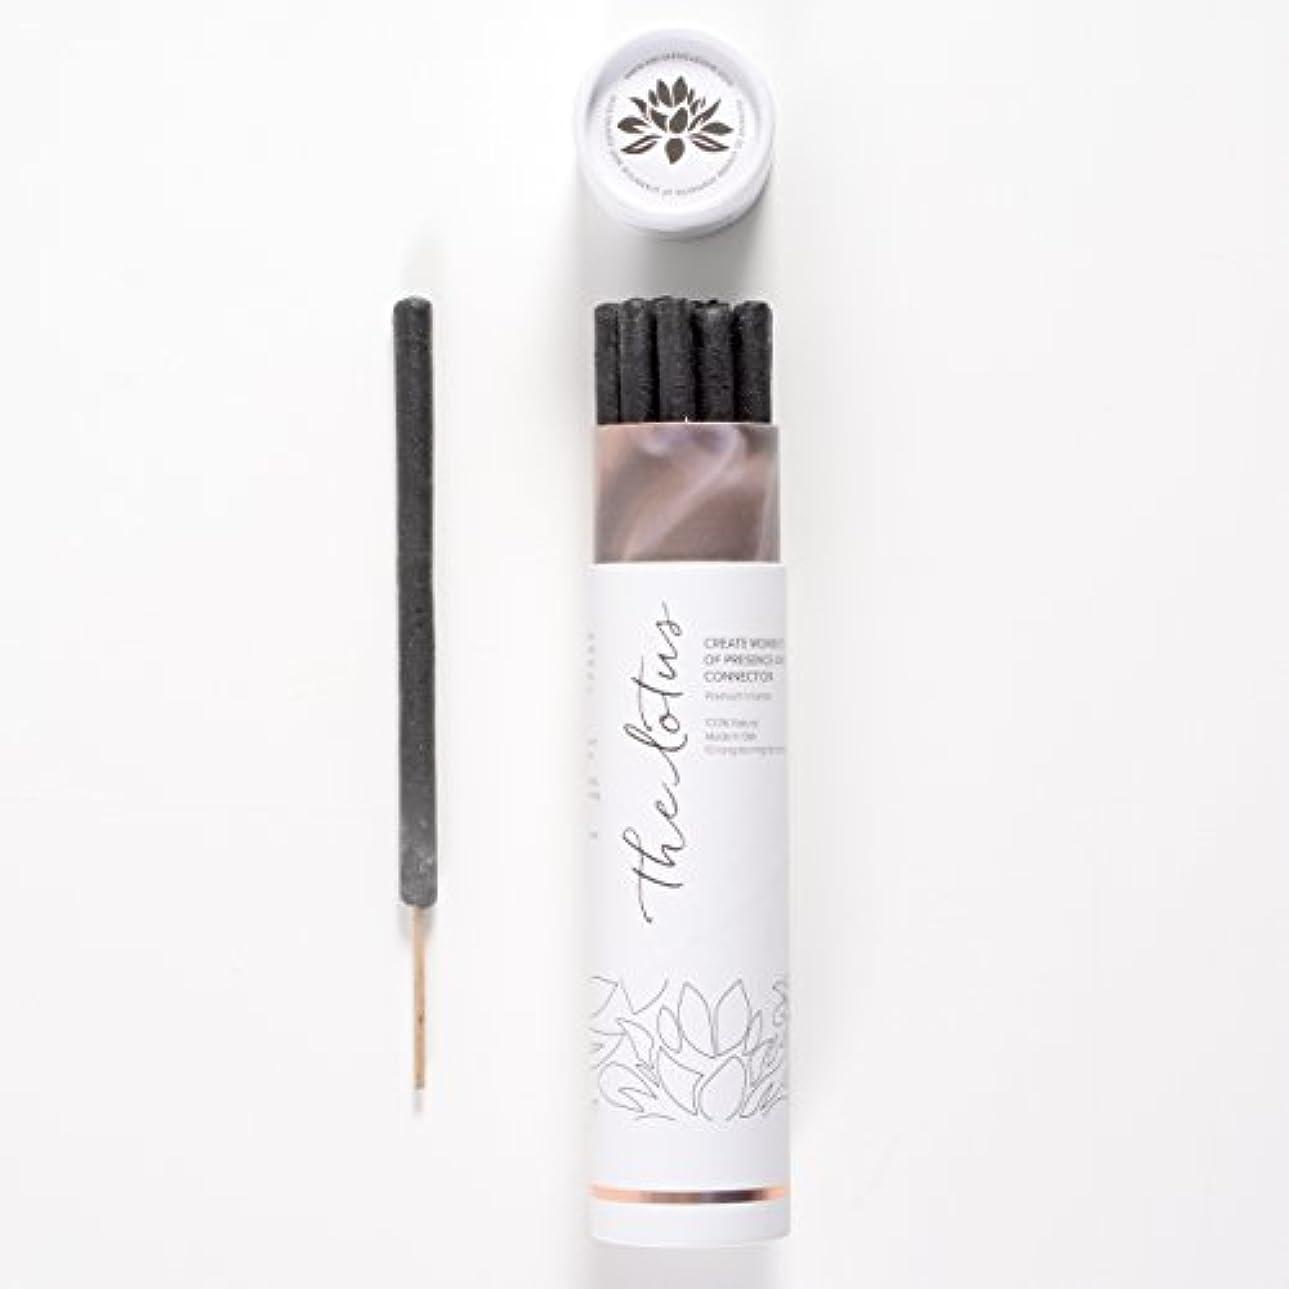 協定離れて債権者The LotusバリIncense – 10プレミアムLong Burn ' Fat ' Sticks。100 % Organic & Natural Ingredients。